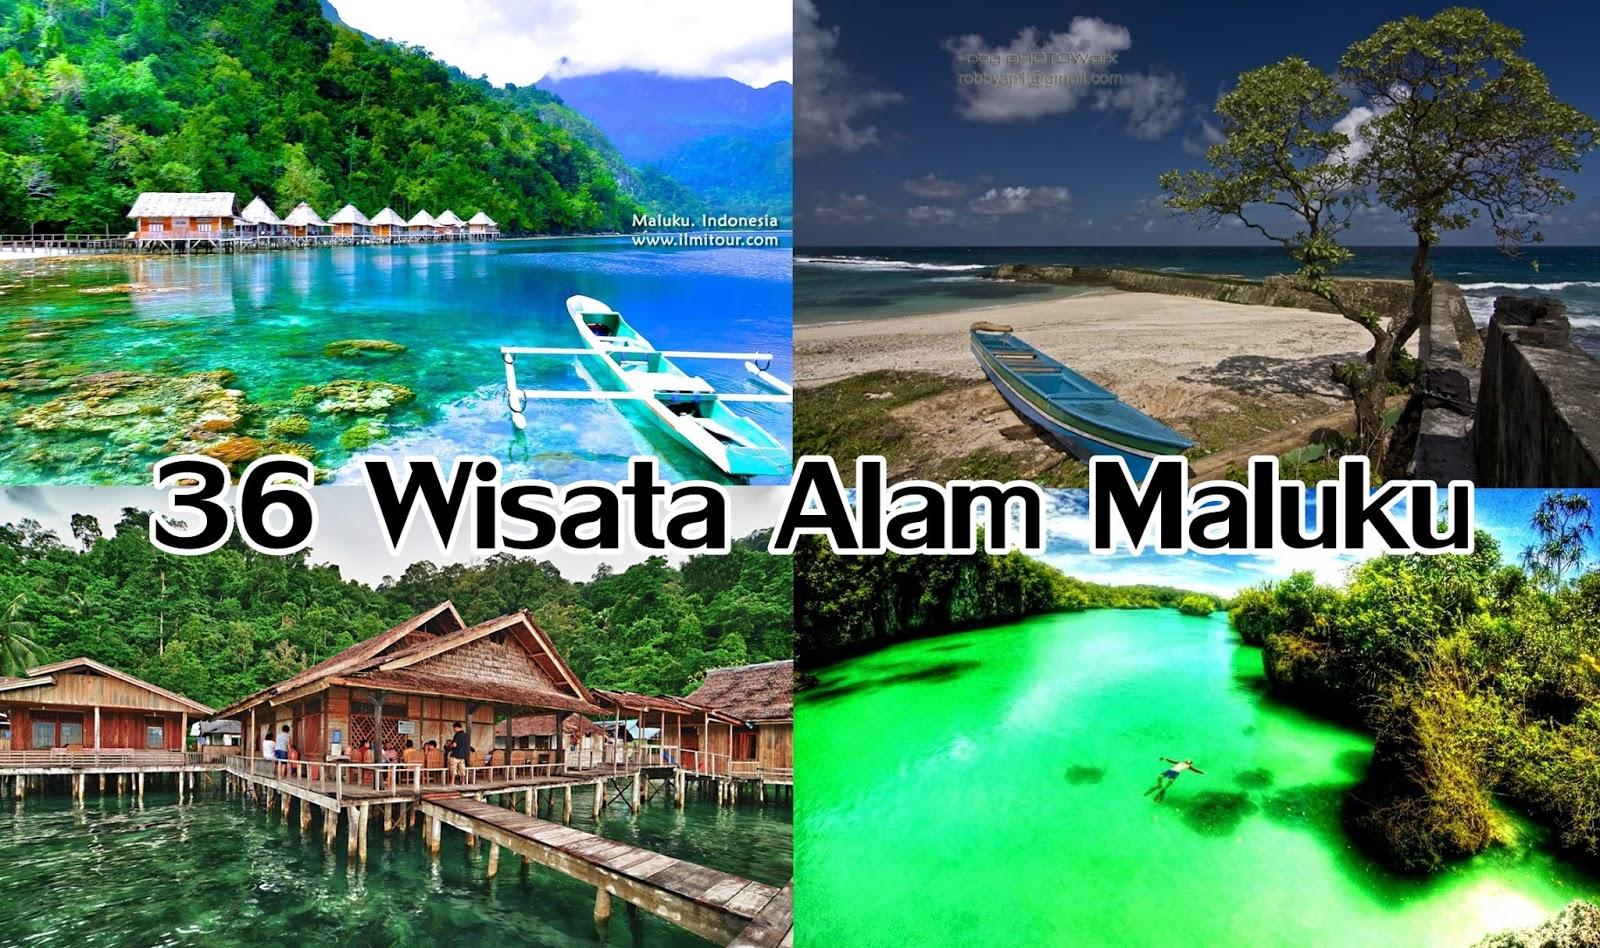 36 Wisata Alam Maluku  Ayokemaluku  Bagikan